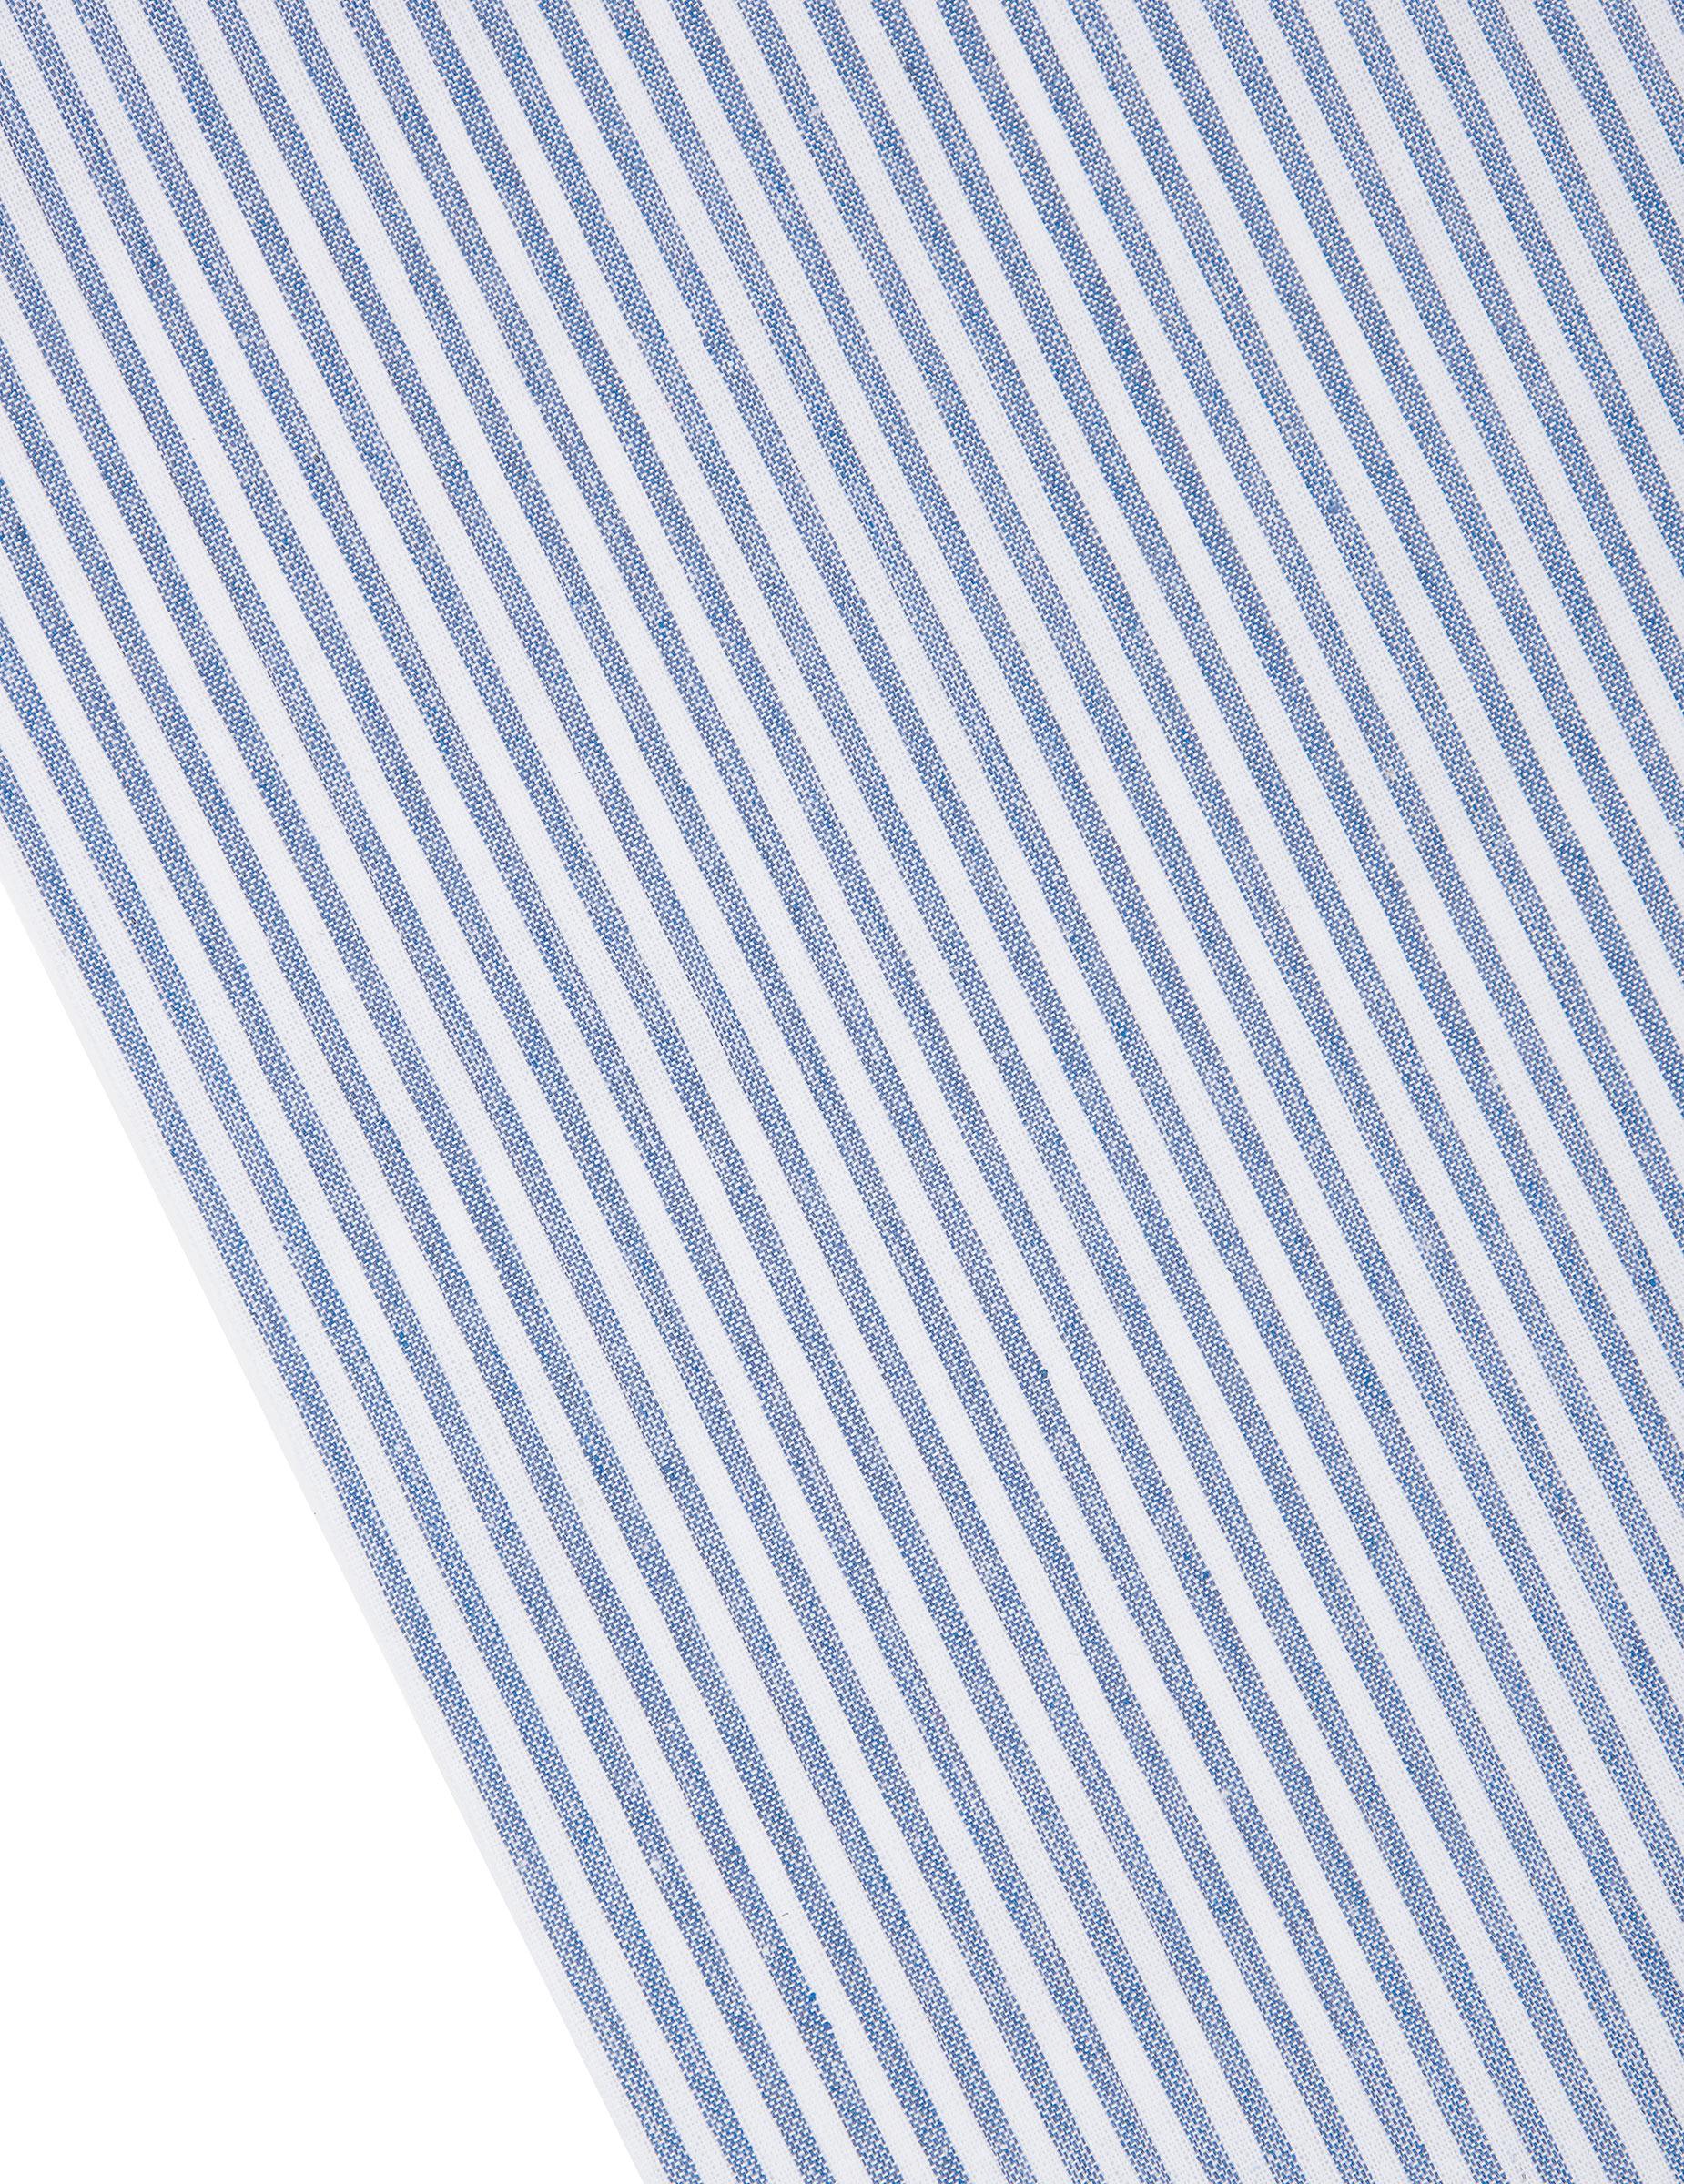 Chemin de table ray bleu marine et blanc d coration for Deco bleu marine et blanc